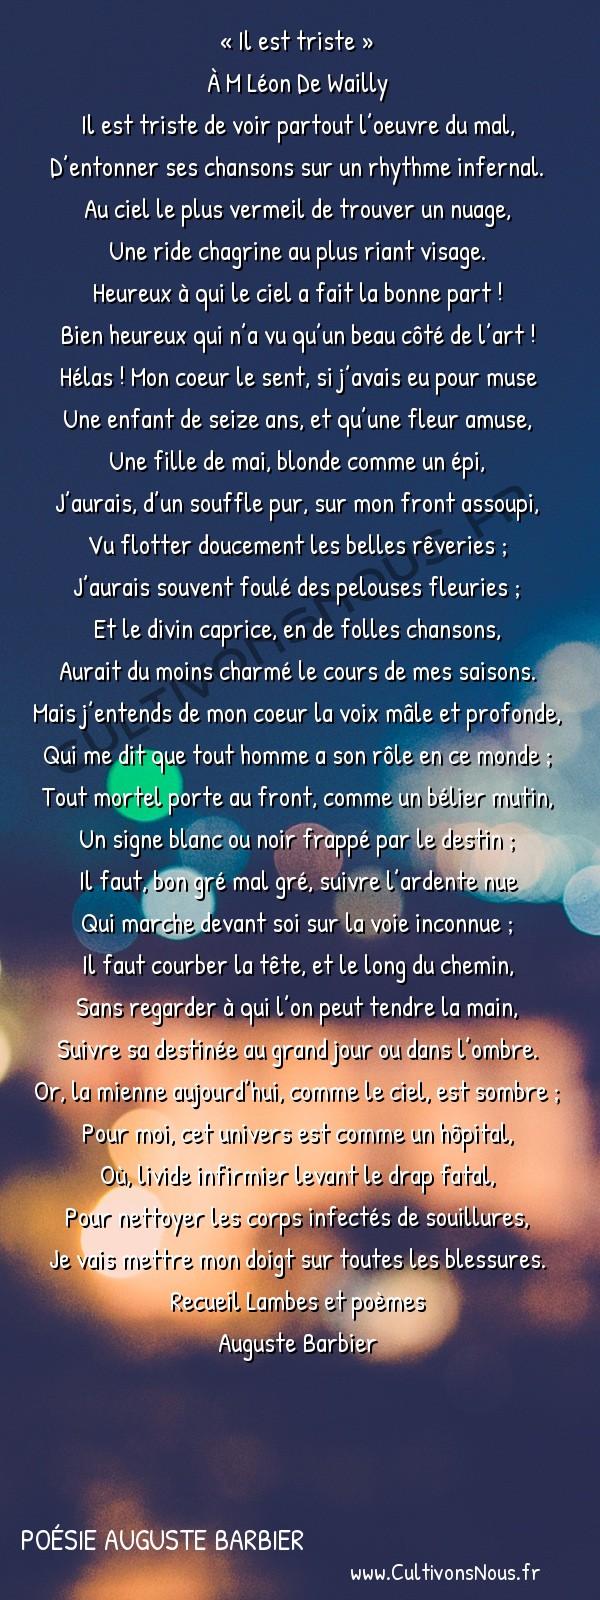 Poésie Auguste Barbier - Lambes et poèmes - Il est triste -   « Il est triste » À M Léon De Wailly